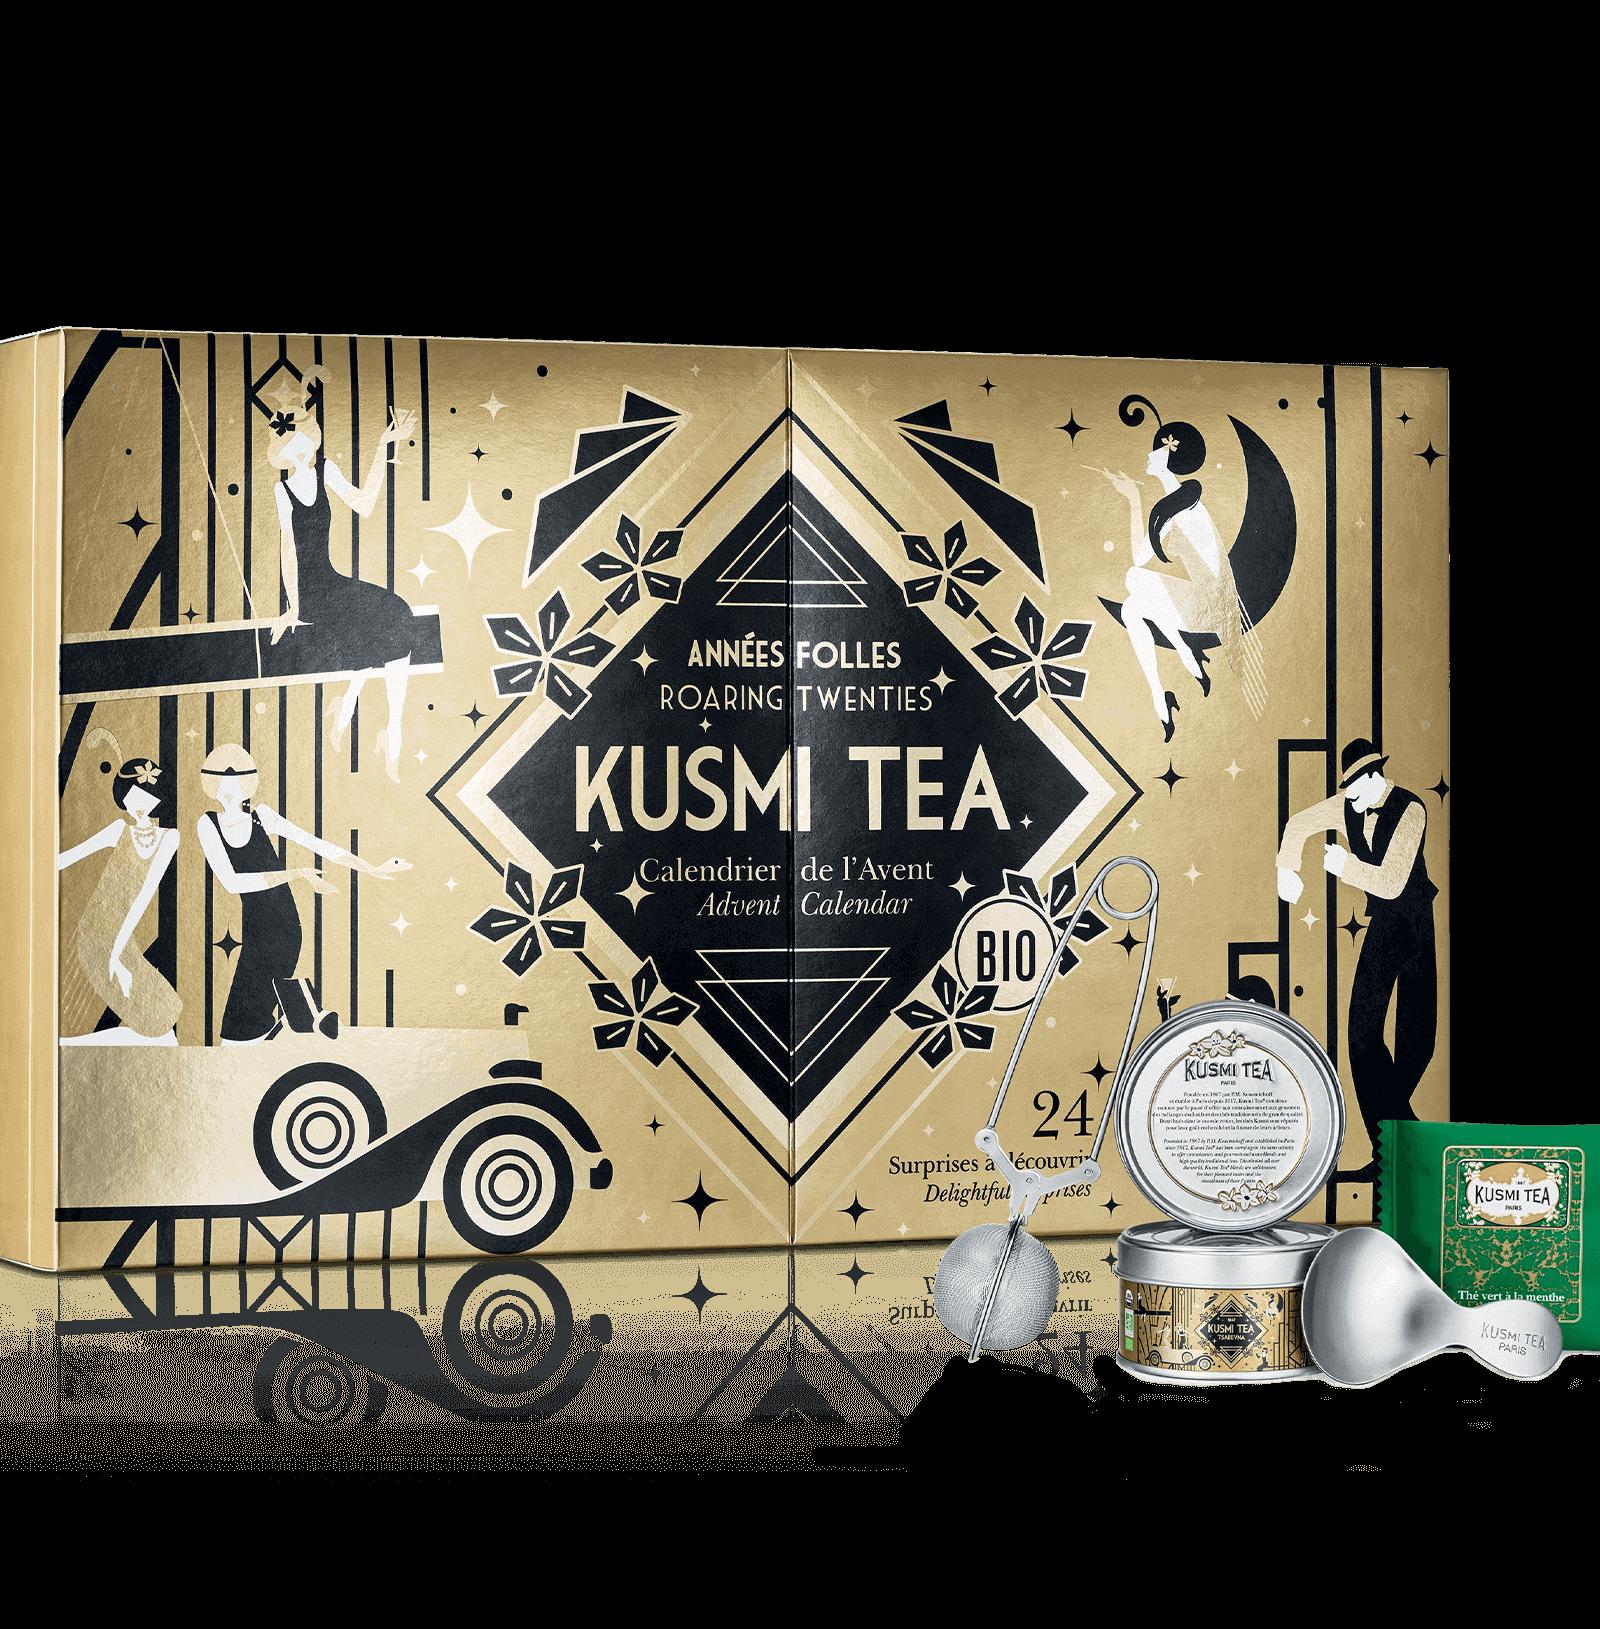 Calendrier de l'Avent Kusmi Tea - Thé, infusion